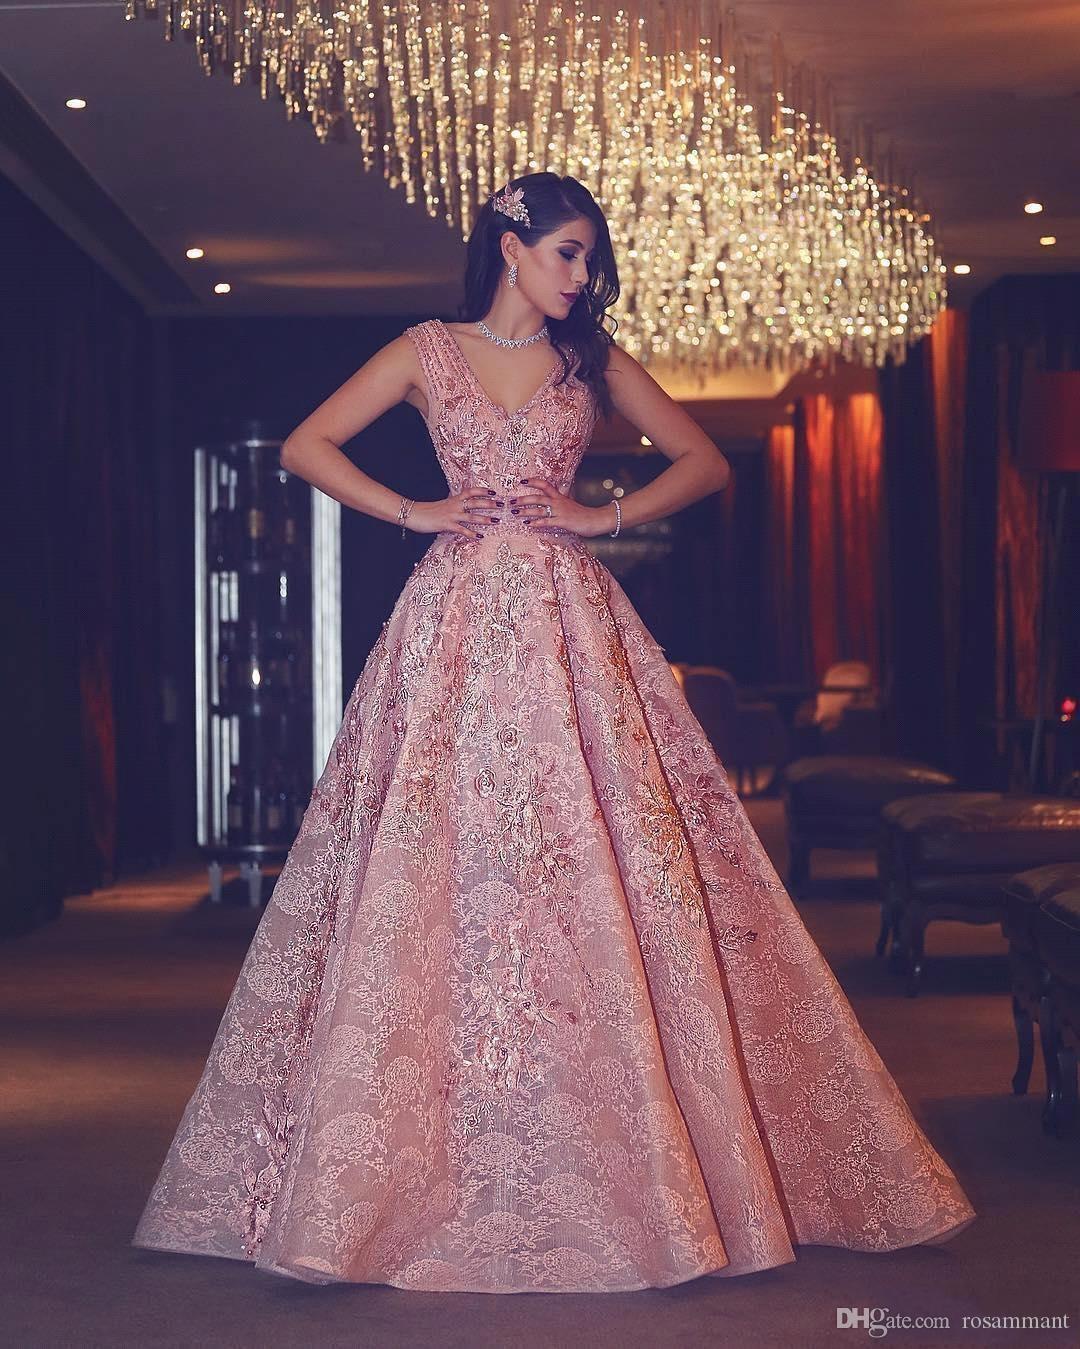 17 Genial Luxus Abend Kleid Vertrieb13 Leicht Luxus Abend Kleid Design